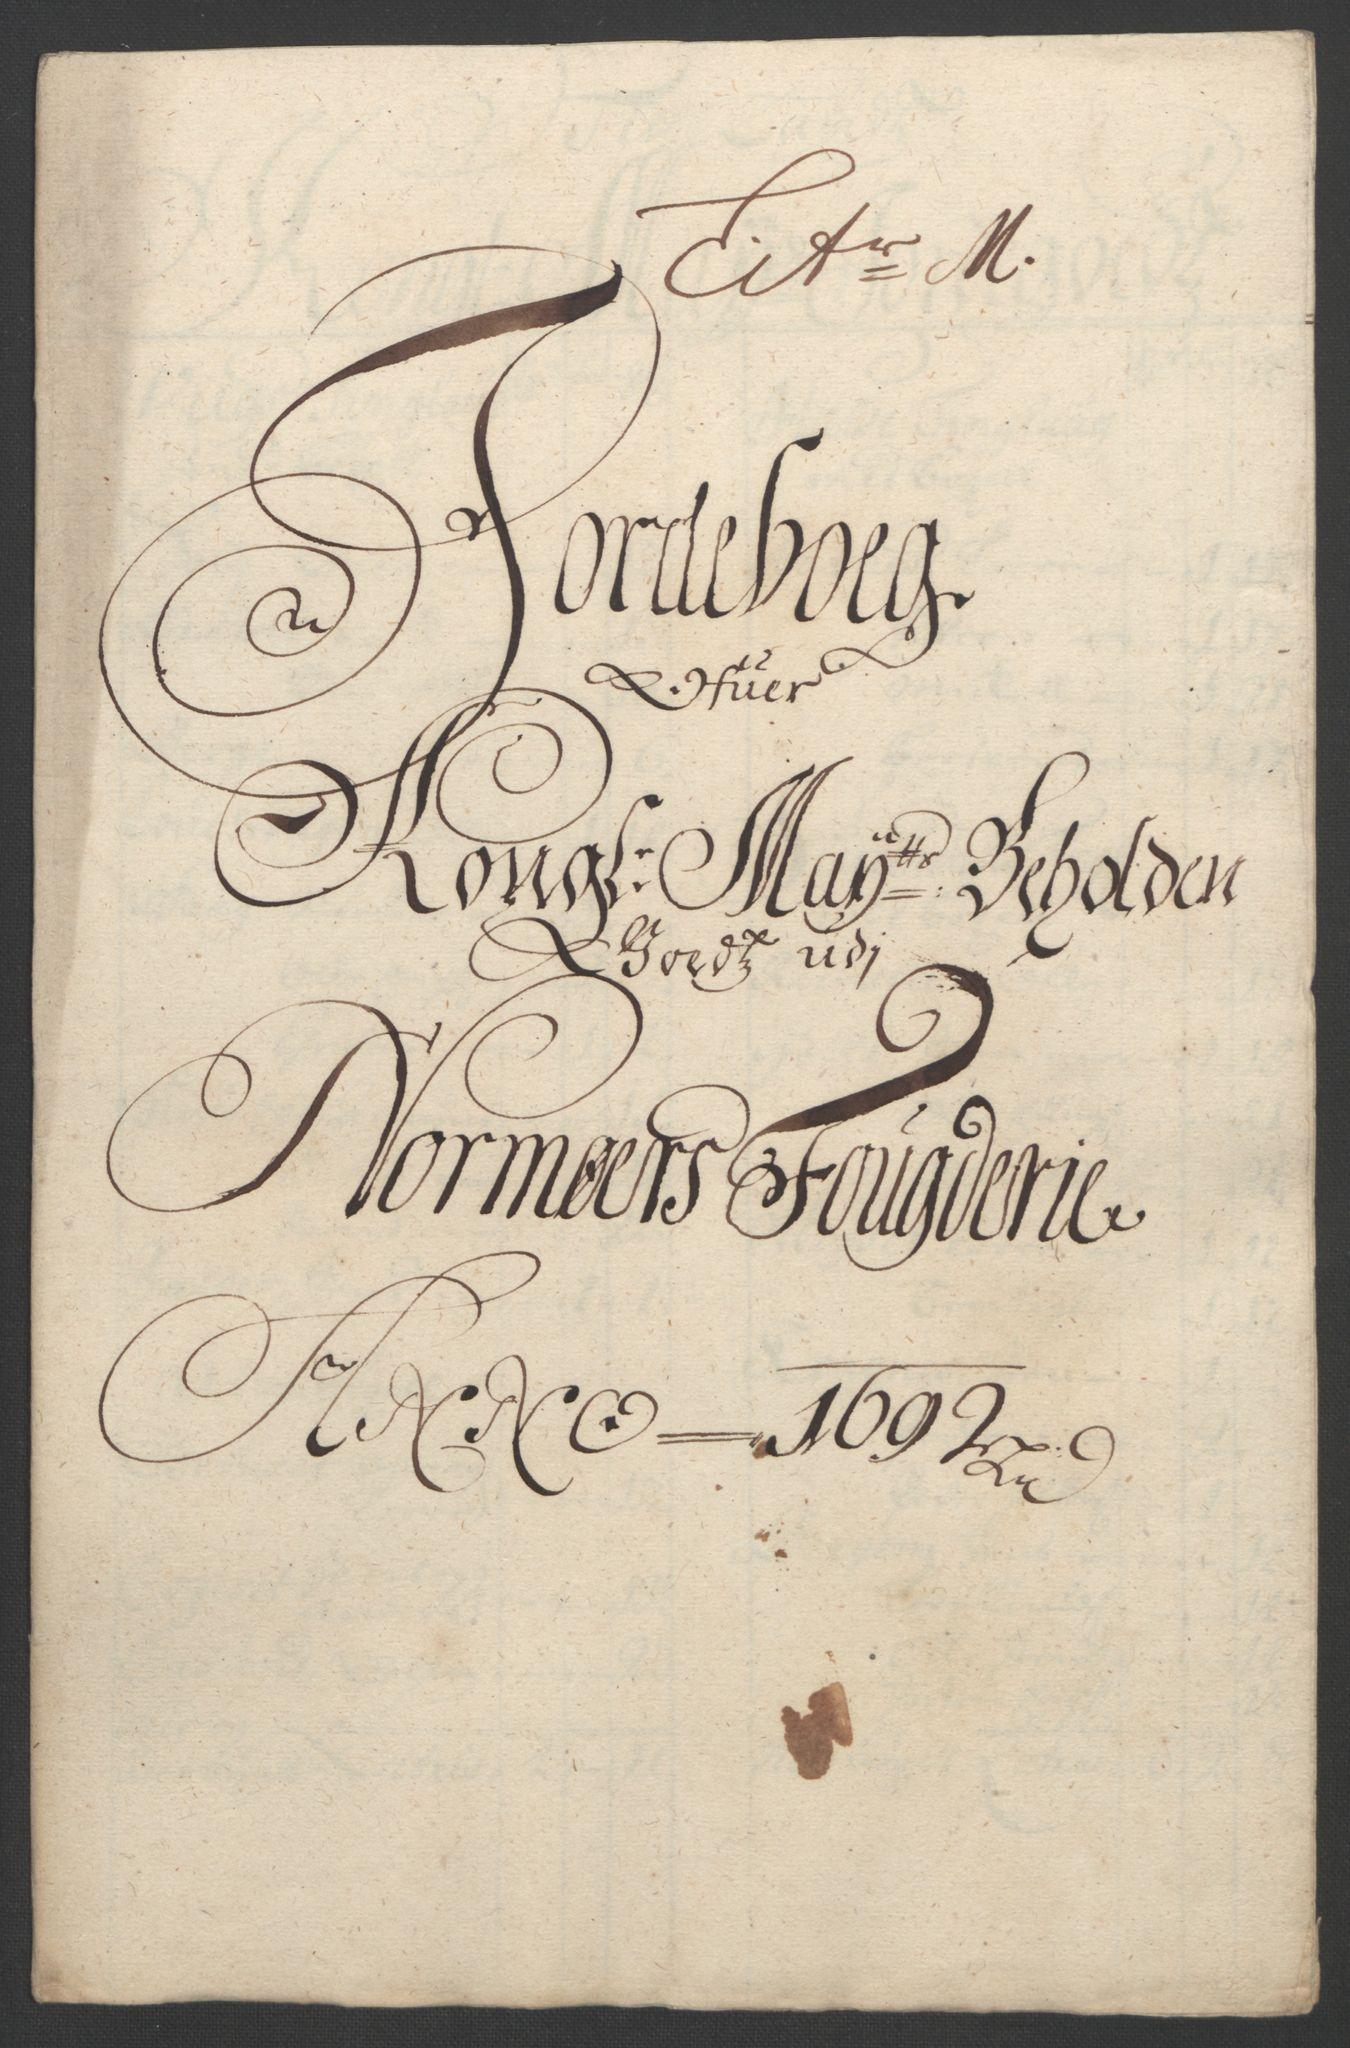 RA, Rentekammeret inntil 1814, Reviderte regnskaper, Fogderegnskap, R56/L3735: Fogderegnskap Nordmøre, 1692-1693, s. 159